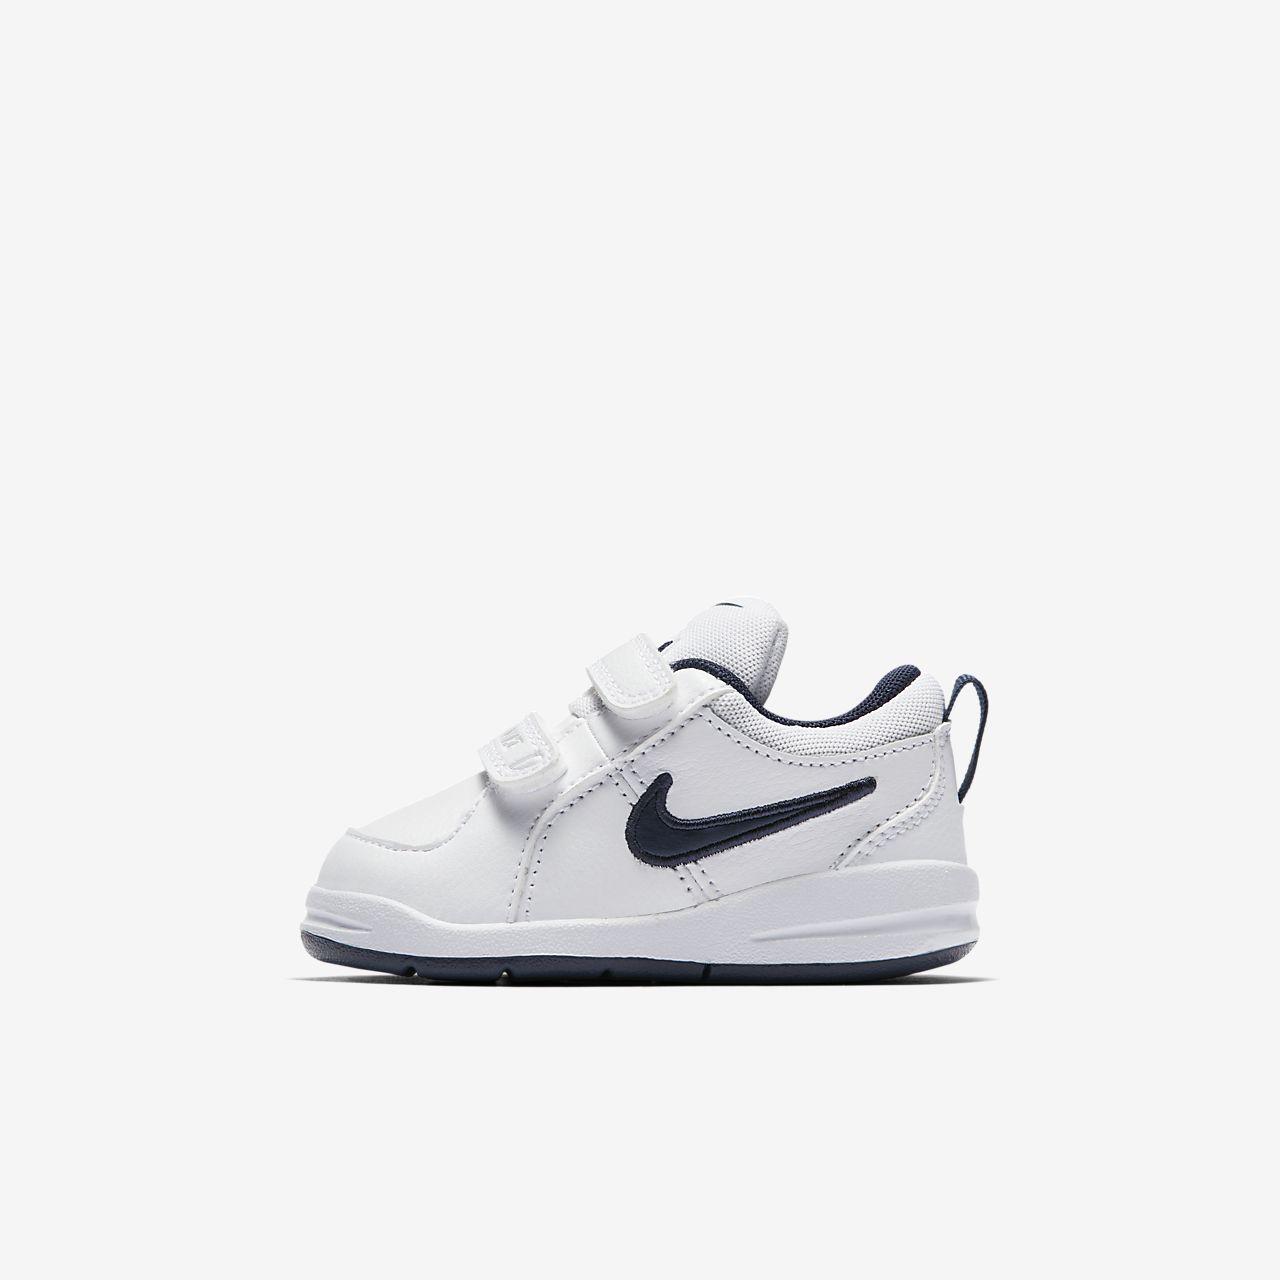 meet innovative design 100% authentic Chaussure Nike Pico 4 pour Bébé/Petit enfant